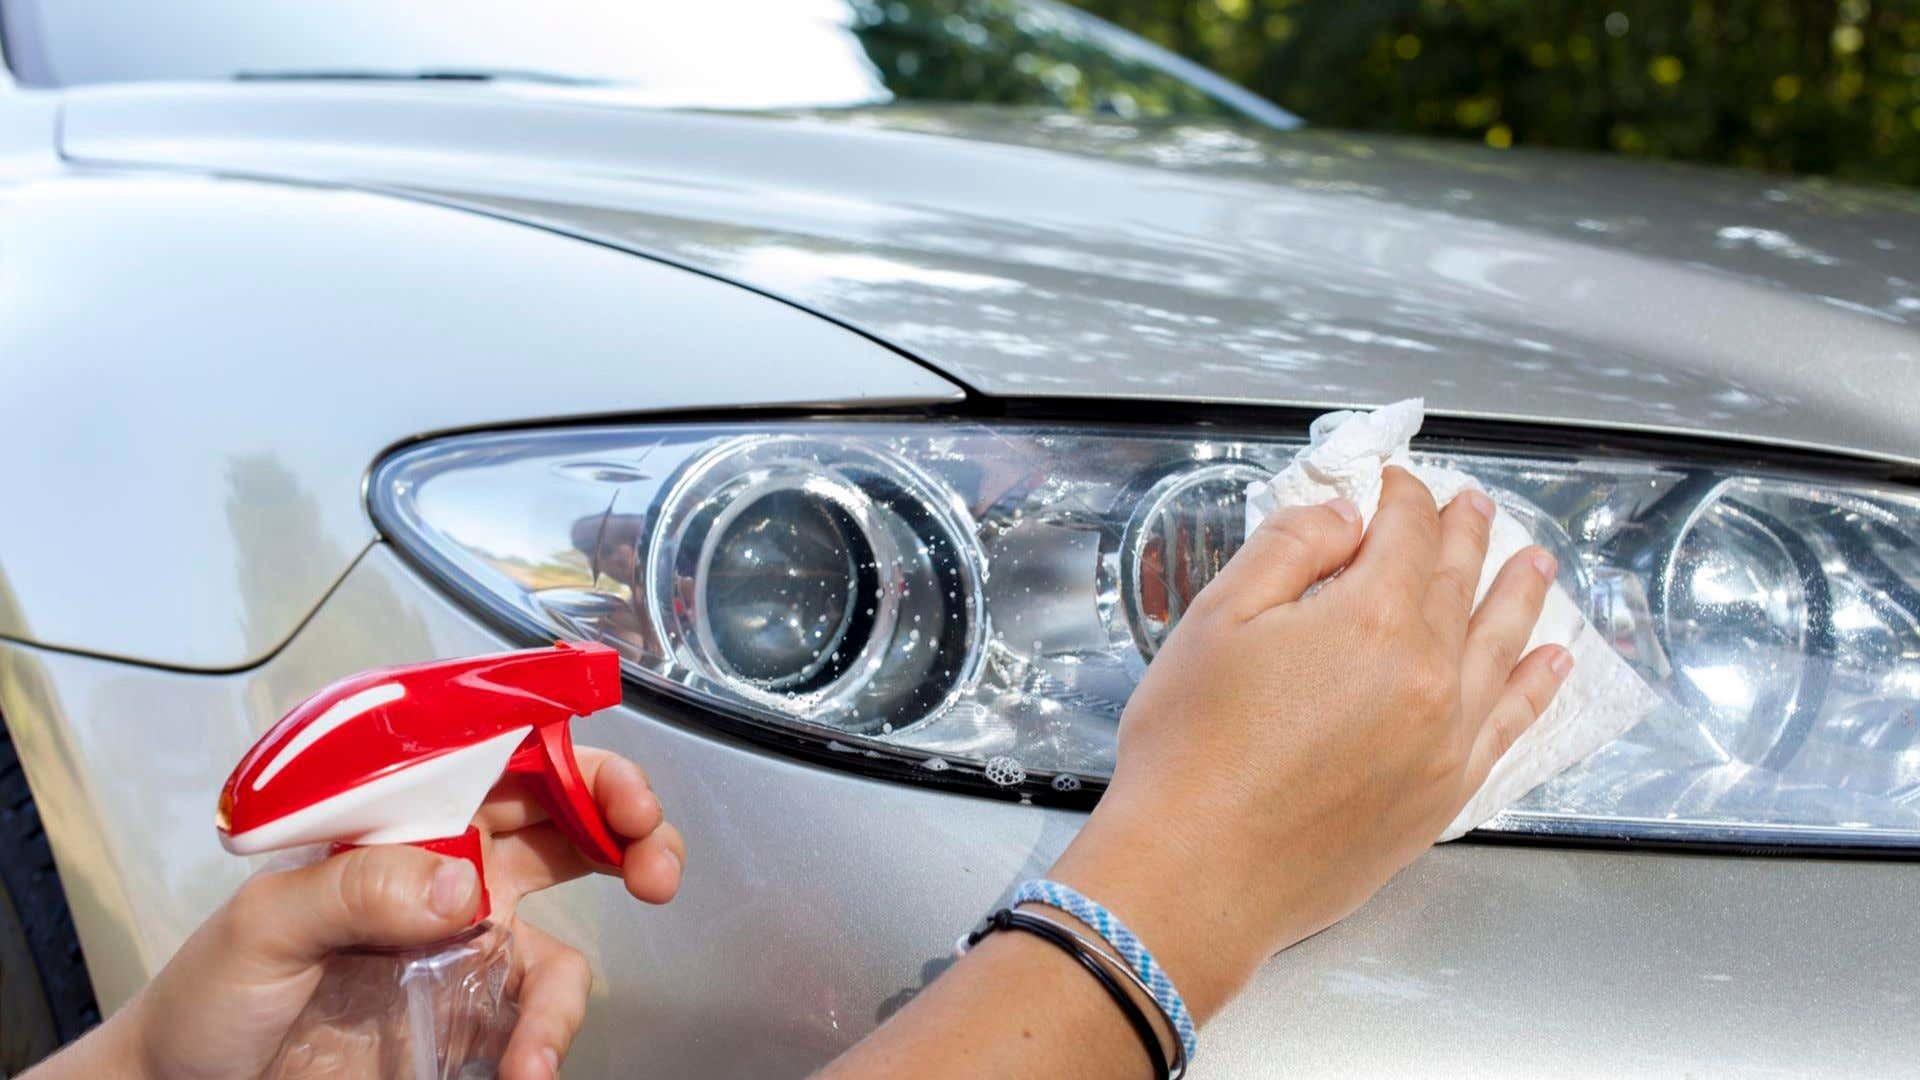 Đánh bóng đèn pha ô tô chỉ với những nguyên liệu rẻ tiền